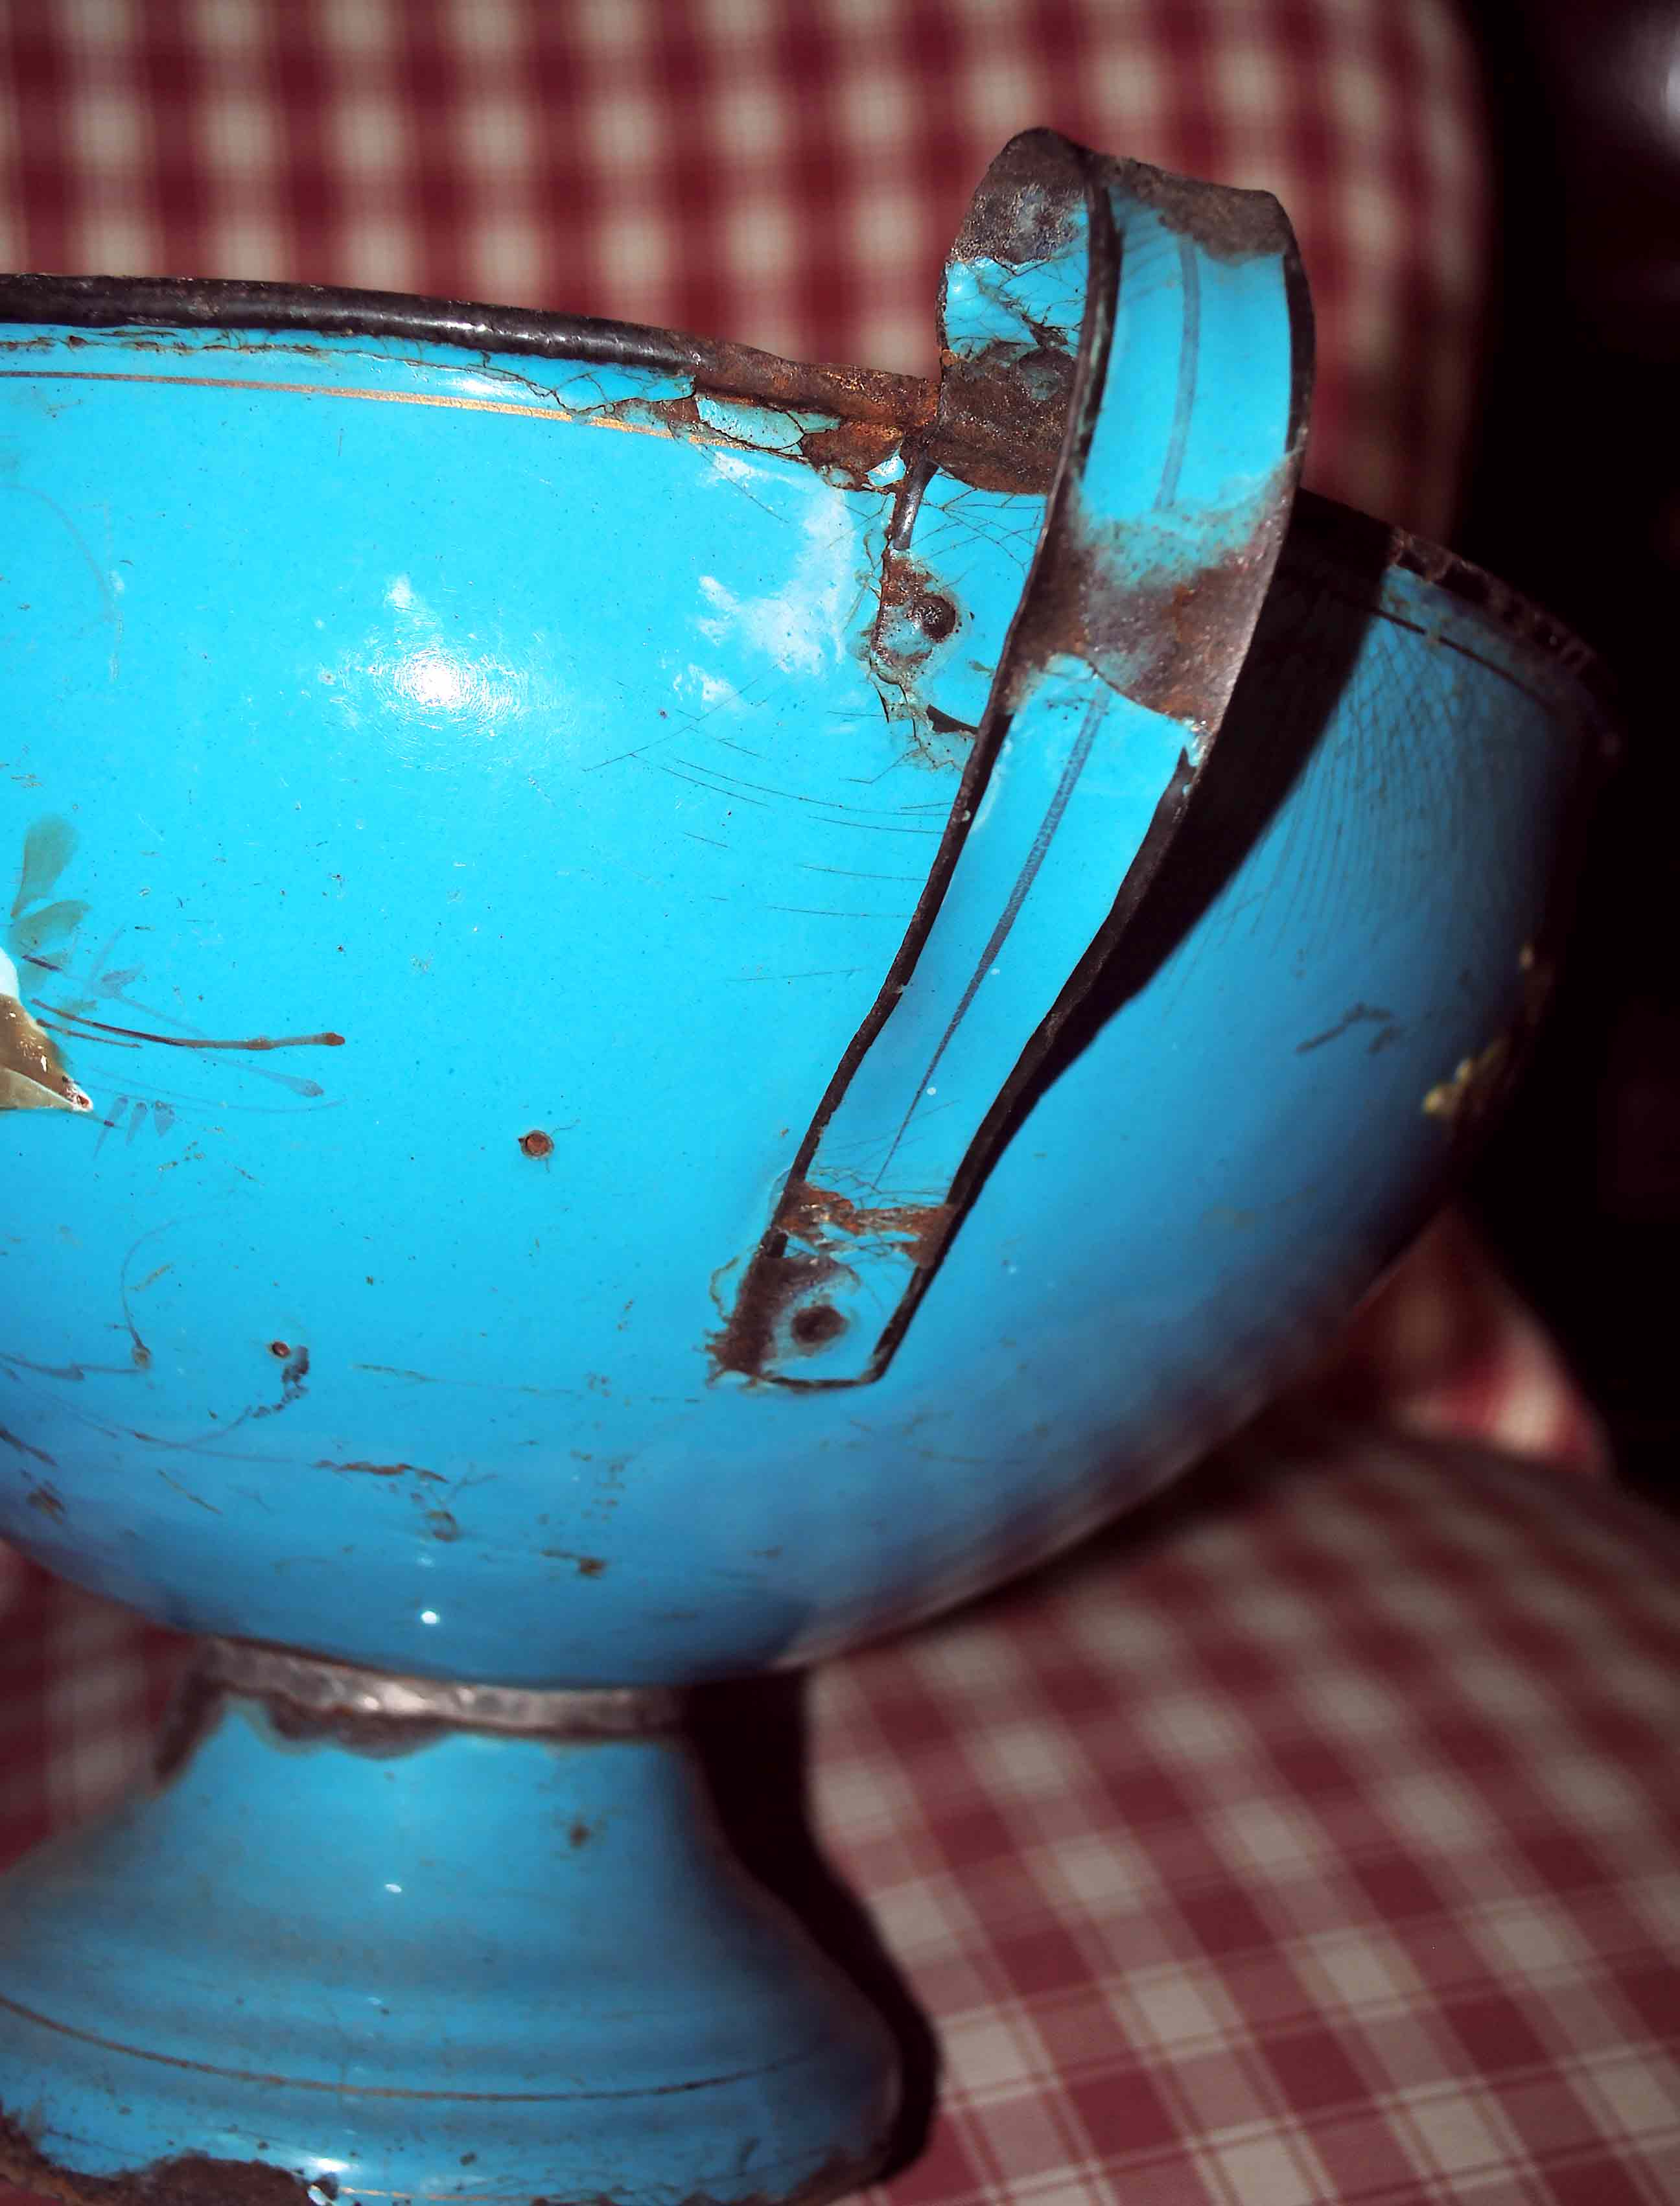 Zuppiera smalto azzurro particolare manico ansa piatta